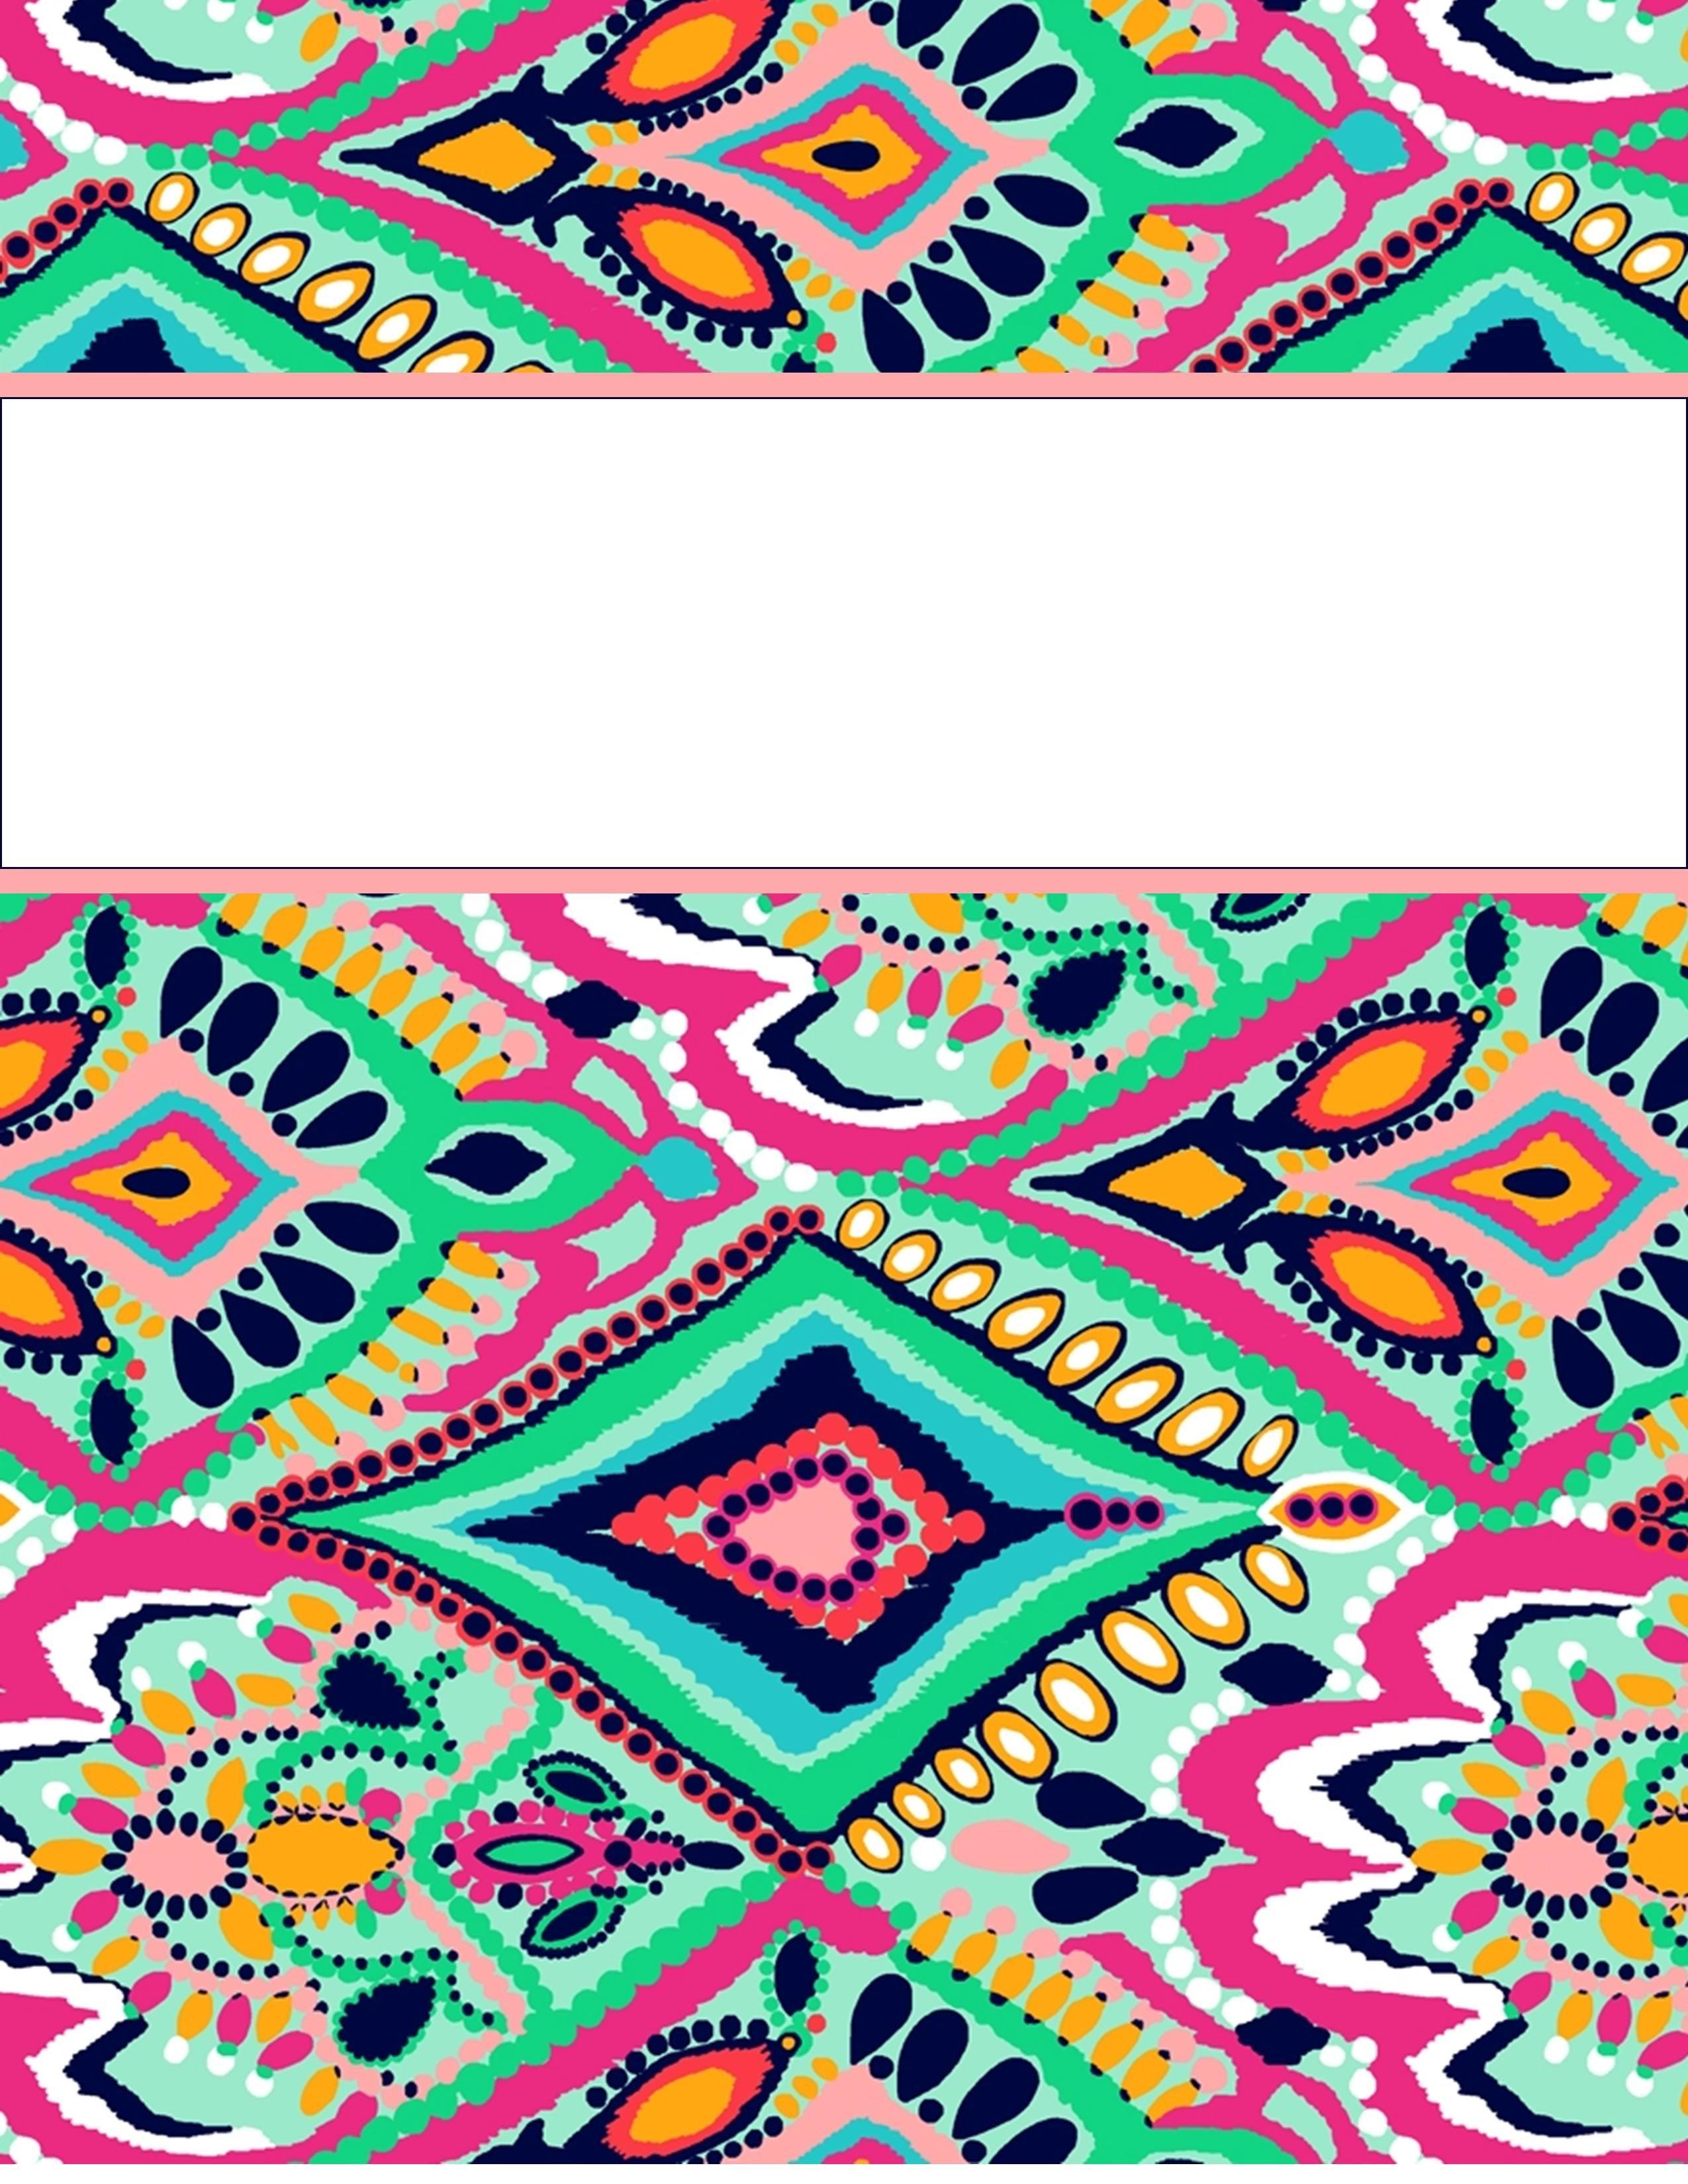 My Cute Binder Covers | Nursing School | Cute Binder Covers, Binder - Free Printable School Binder Covers